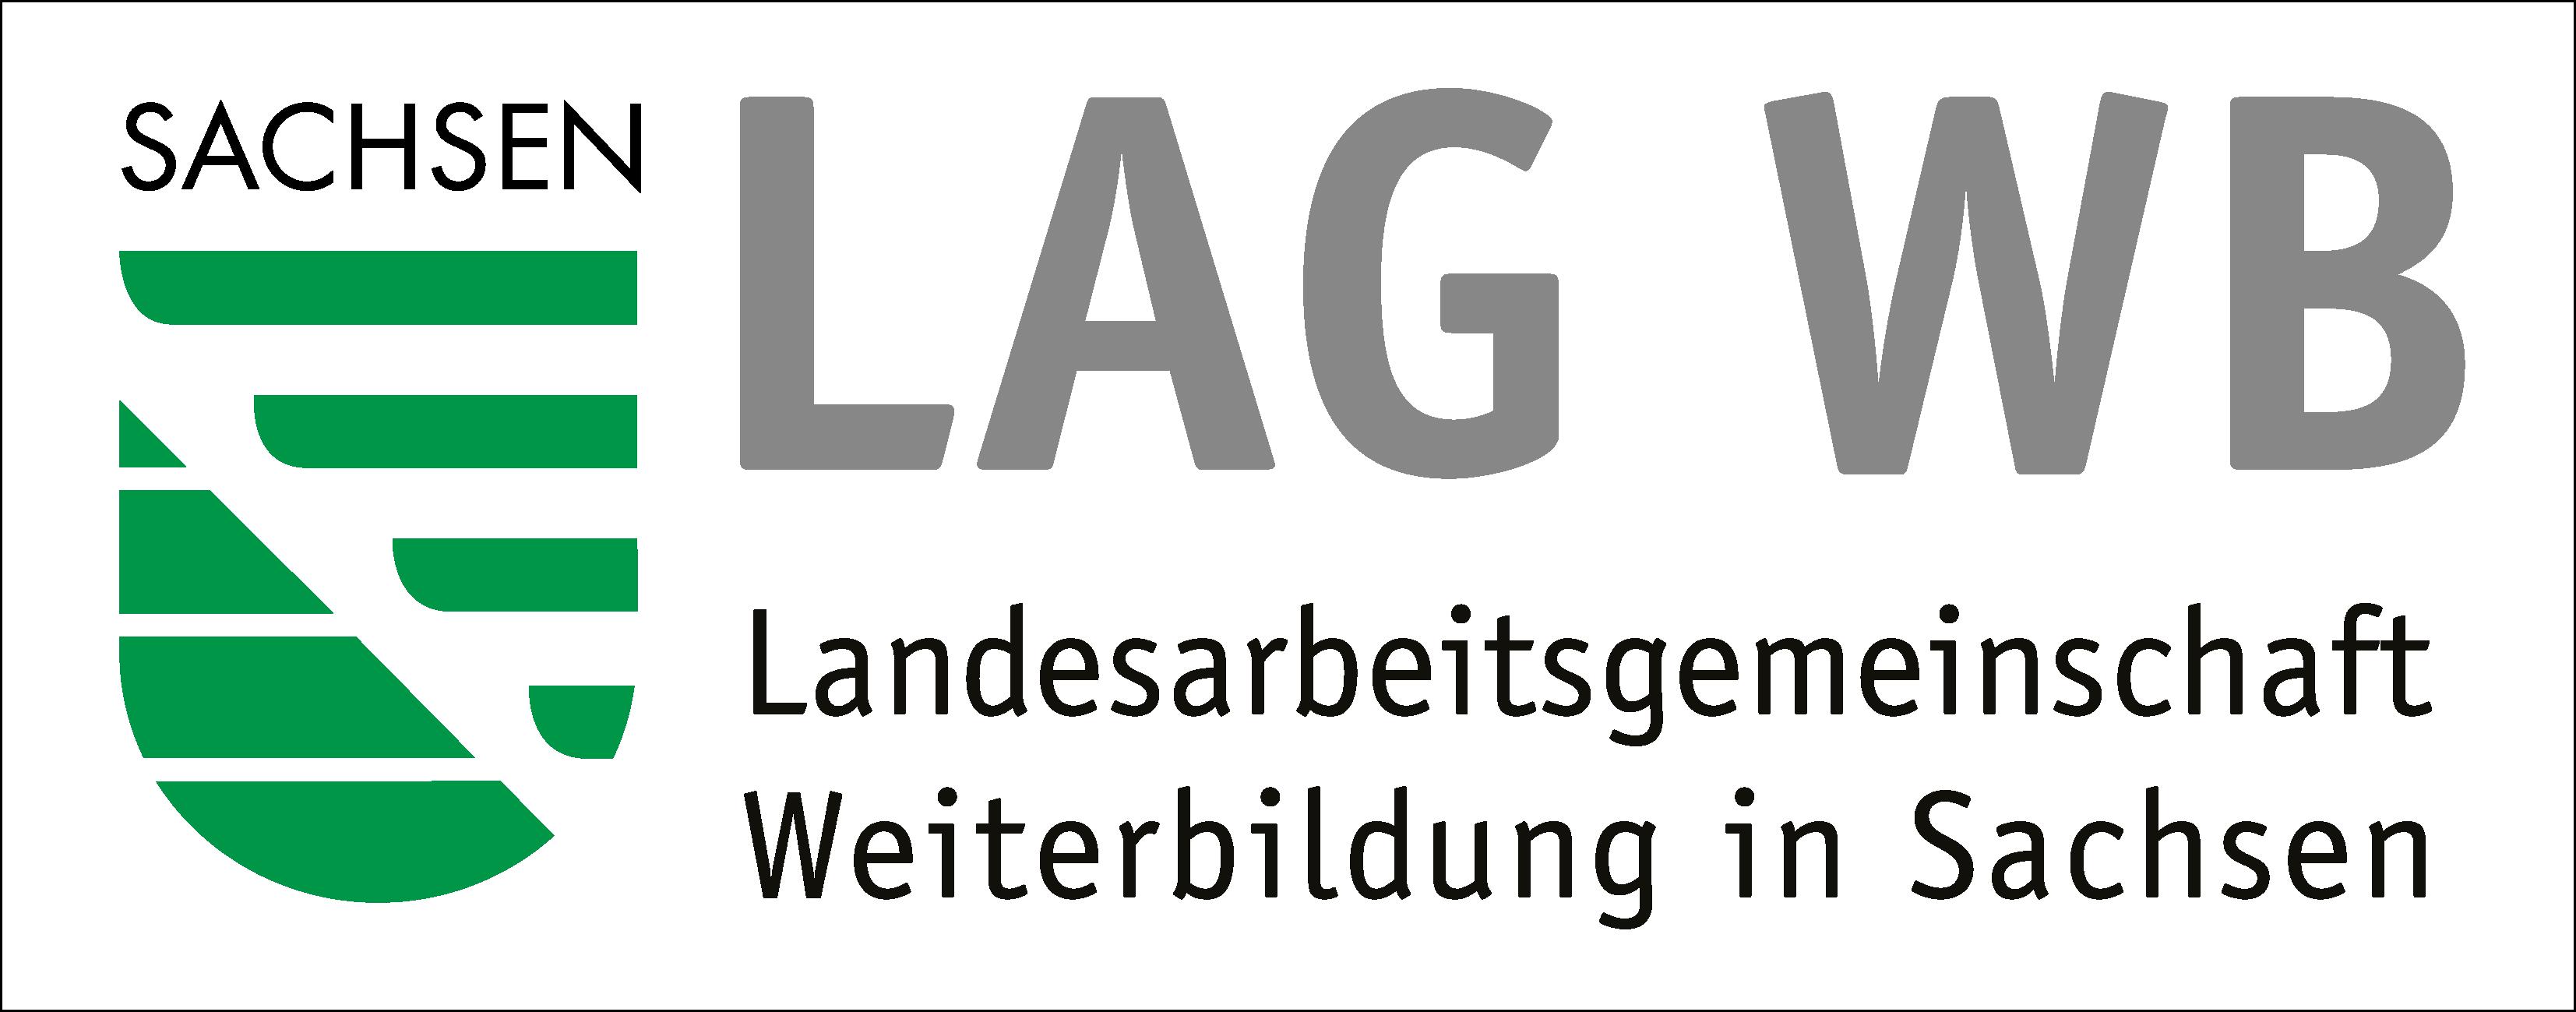 Landesarbeitsgemeinschaft Weiterbildung in Sachsen